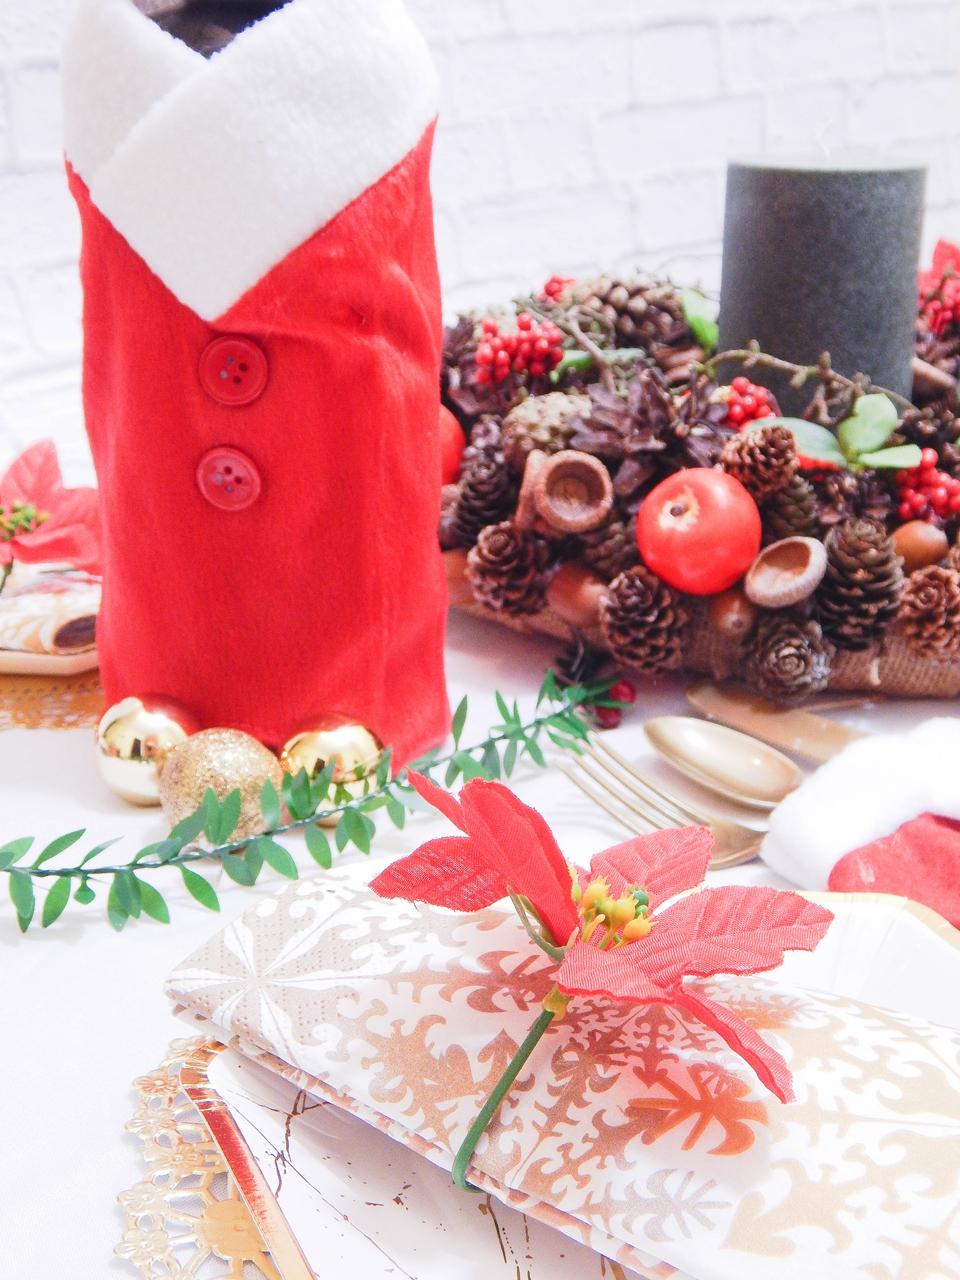 7 dekoracja świątecznego stołu jak udekorować stół na boże narodzenie dekoracja kolacja wigilijna dekoracja stroik na stół wigilijny wianek świeczka mikołajowe ubrania na butelki mikołaje na sztućce